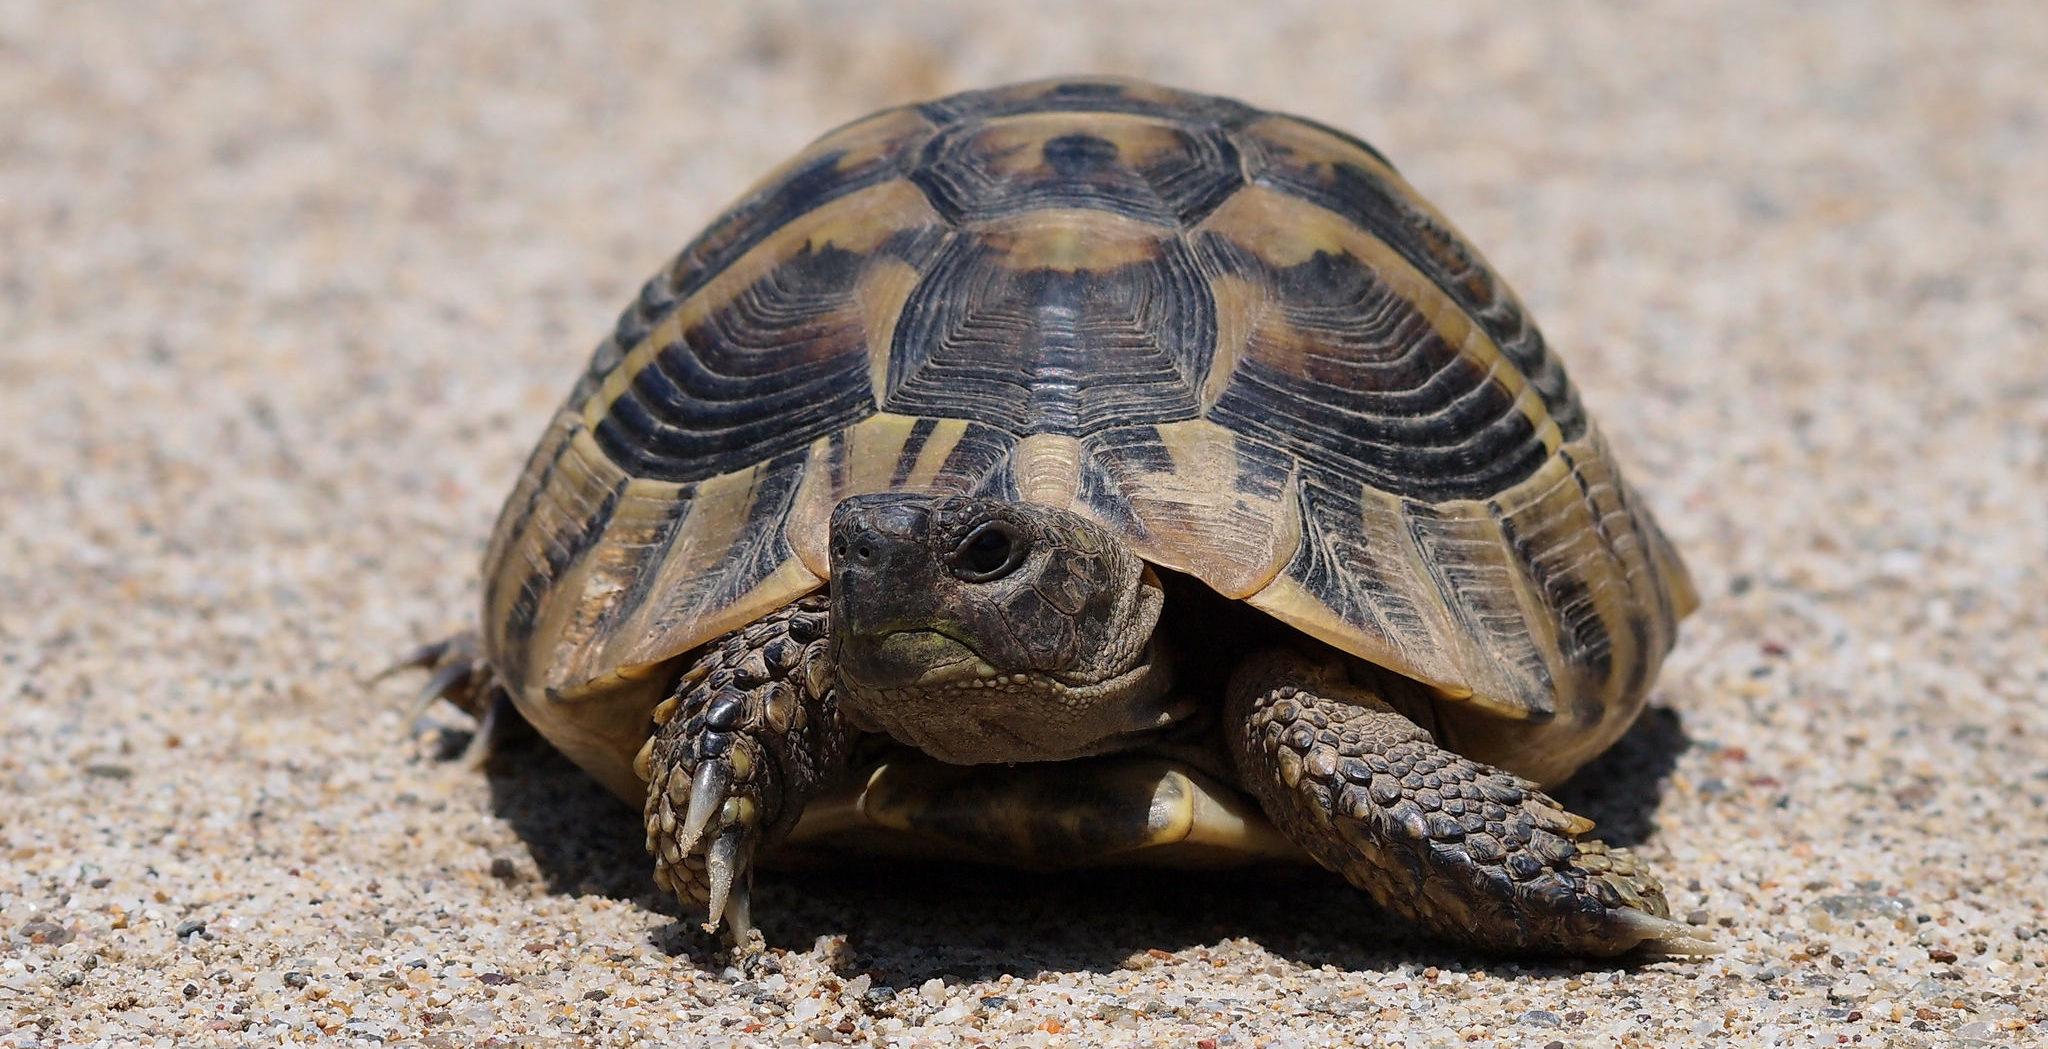 D couvrez les tortues de madagascar office national du tourisme de madagascar - Office national du tourisme madagascar ...